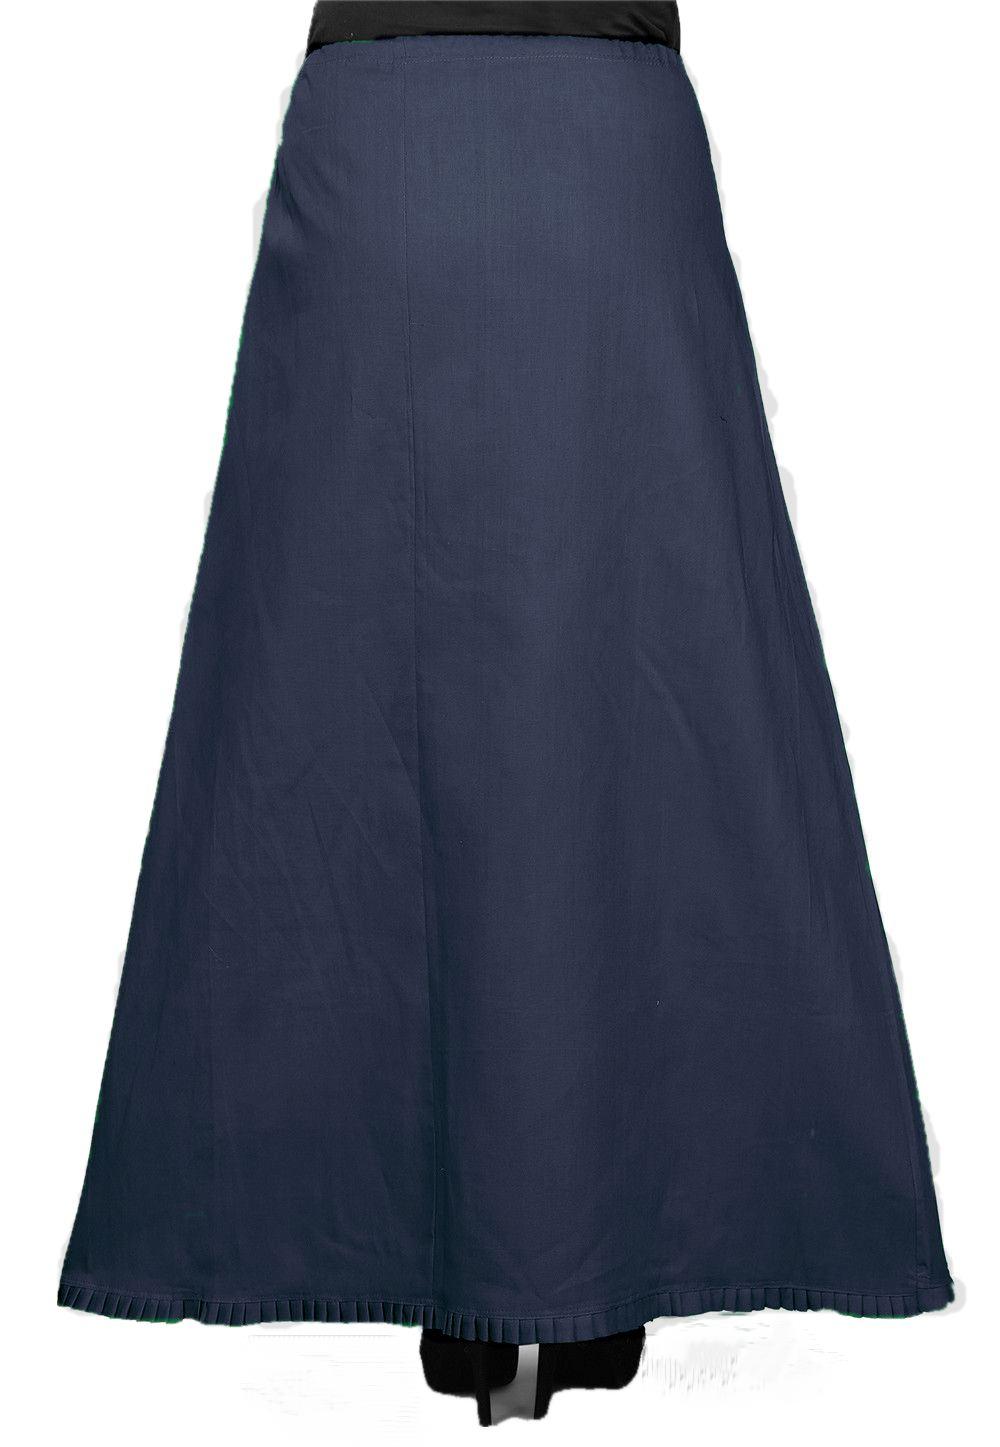 Ankle Length Under Skirt / Petticoat in Dark Blue